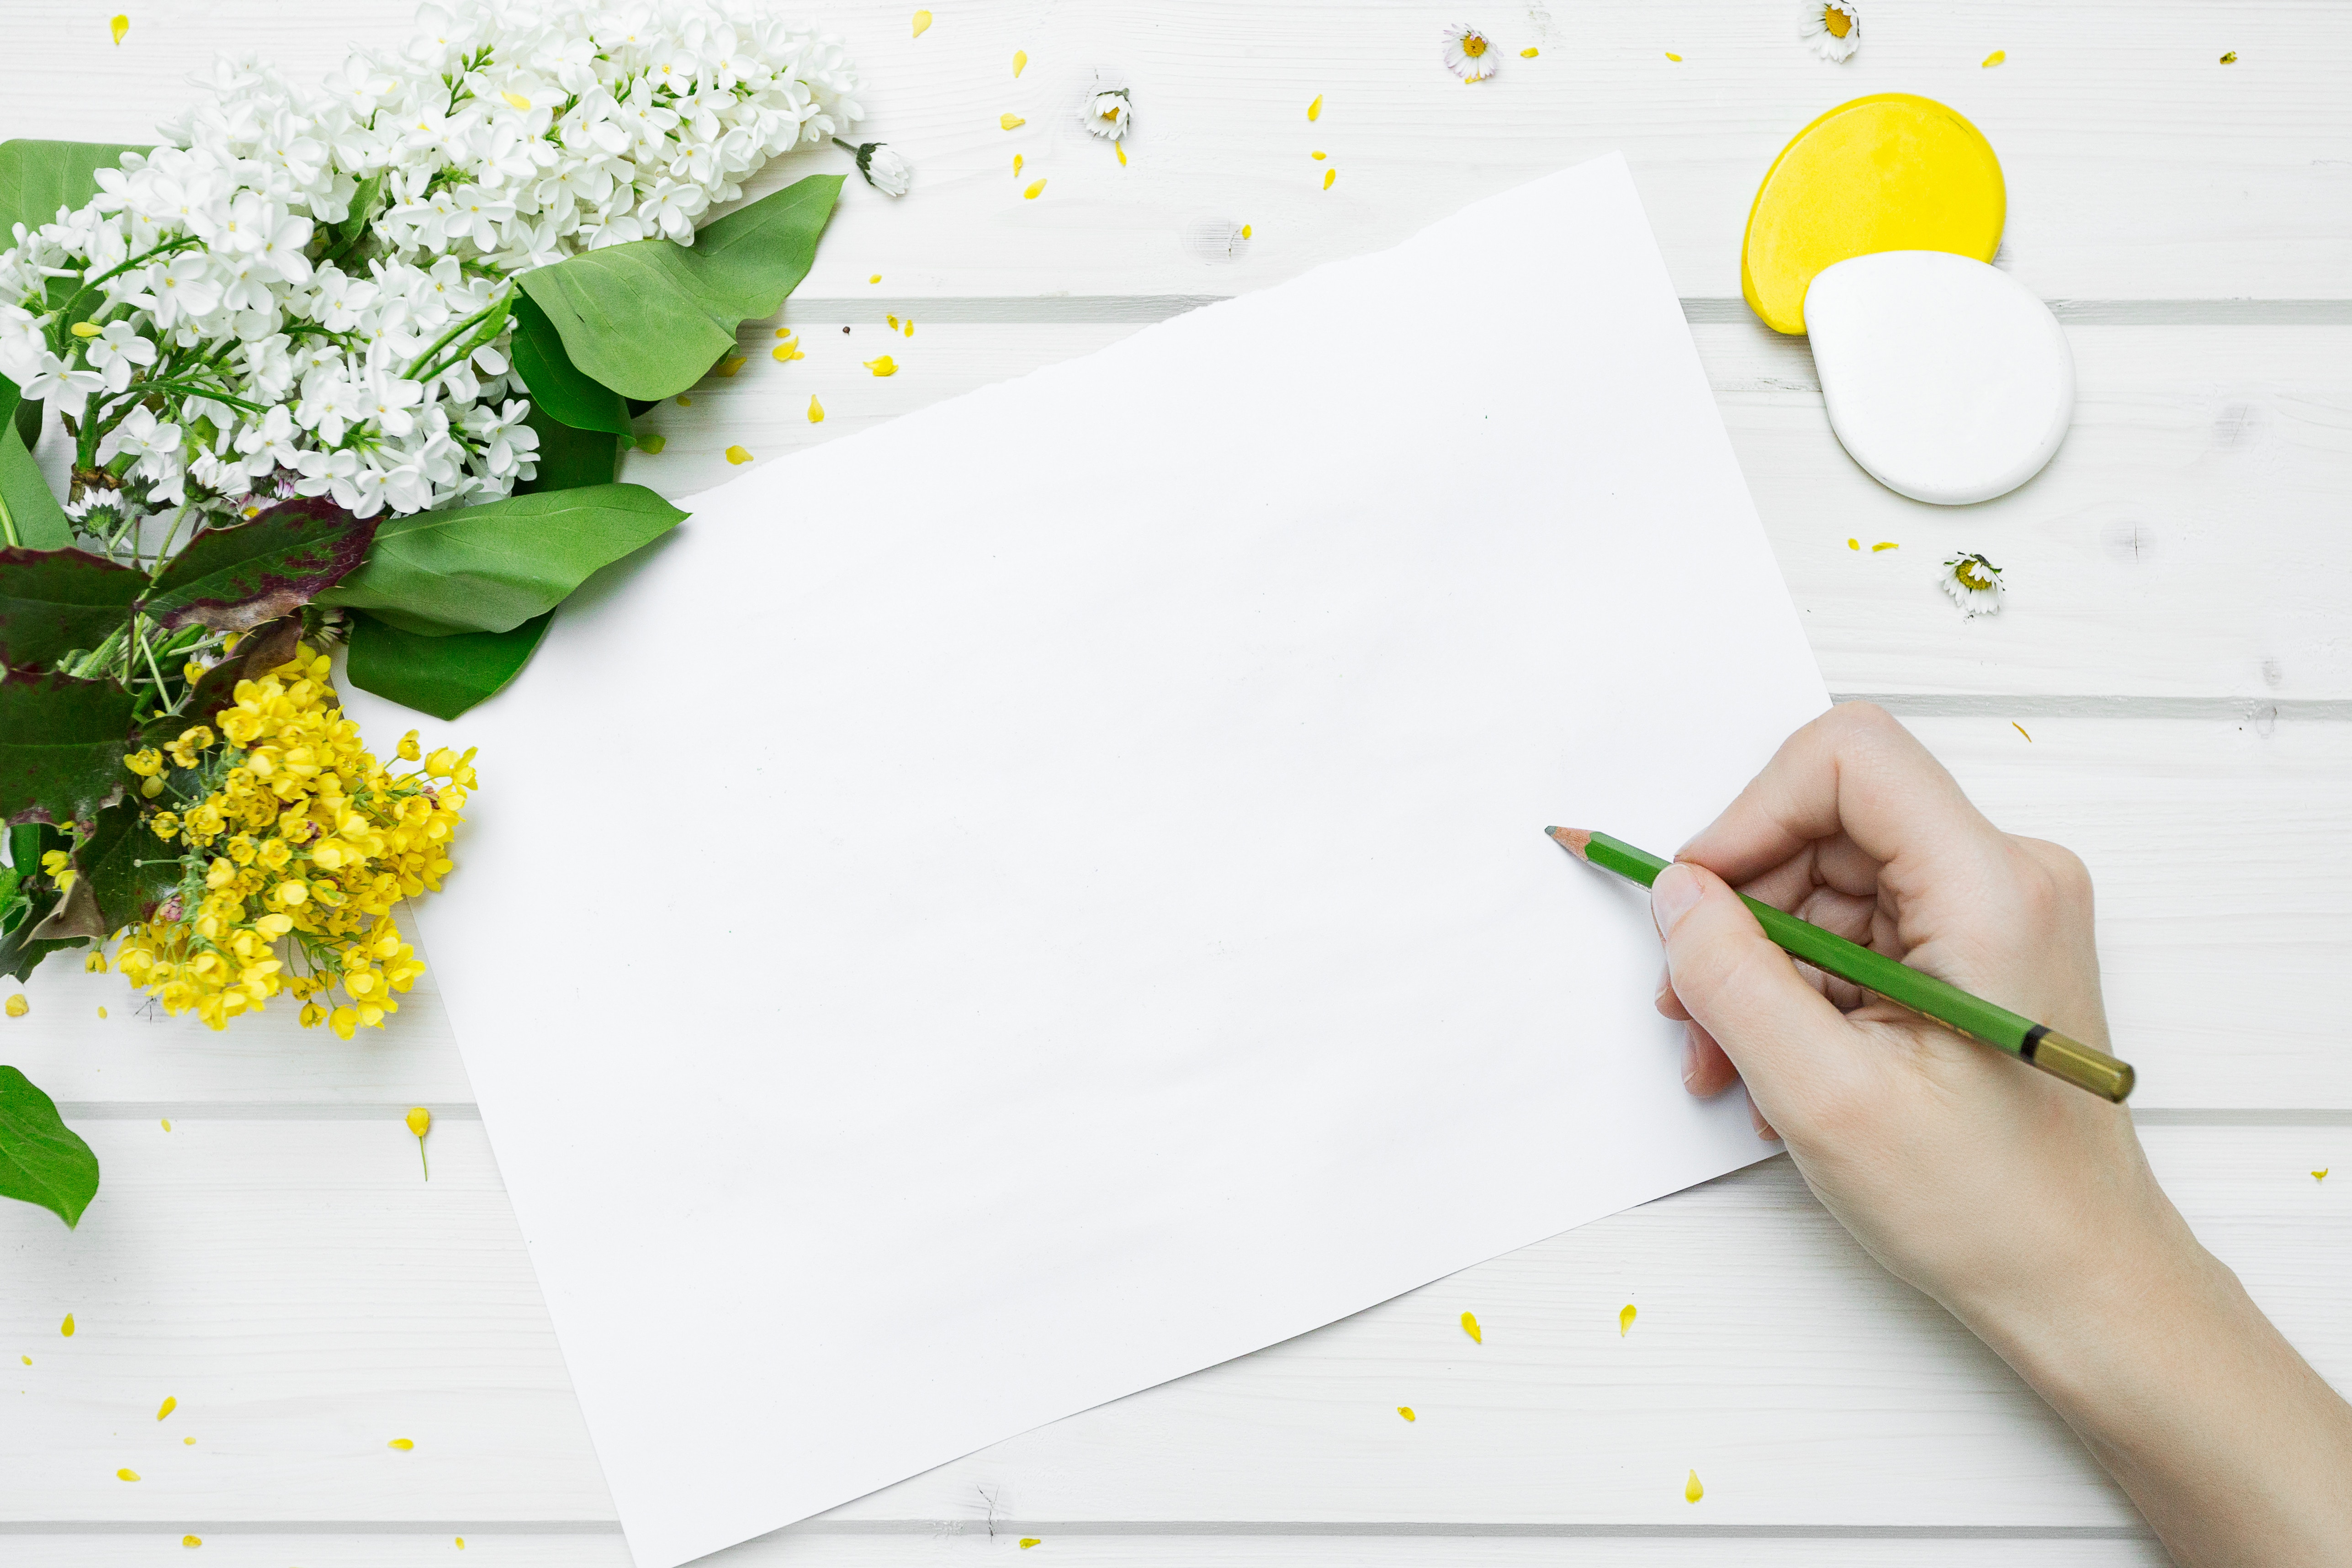 MOJE PRIORYTETY – ŻYJ TYM, CO NAPRAWDĘ WAŻNE – zaproszenie na spotkanie